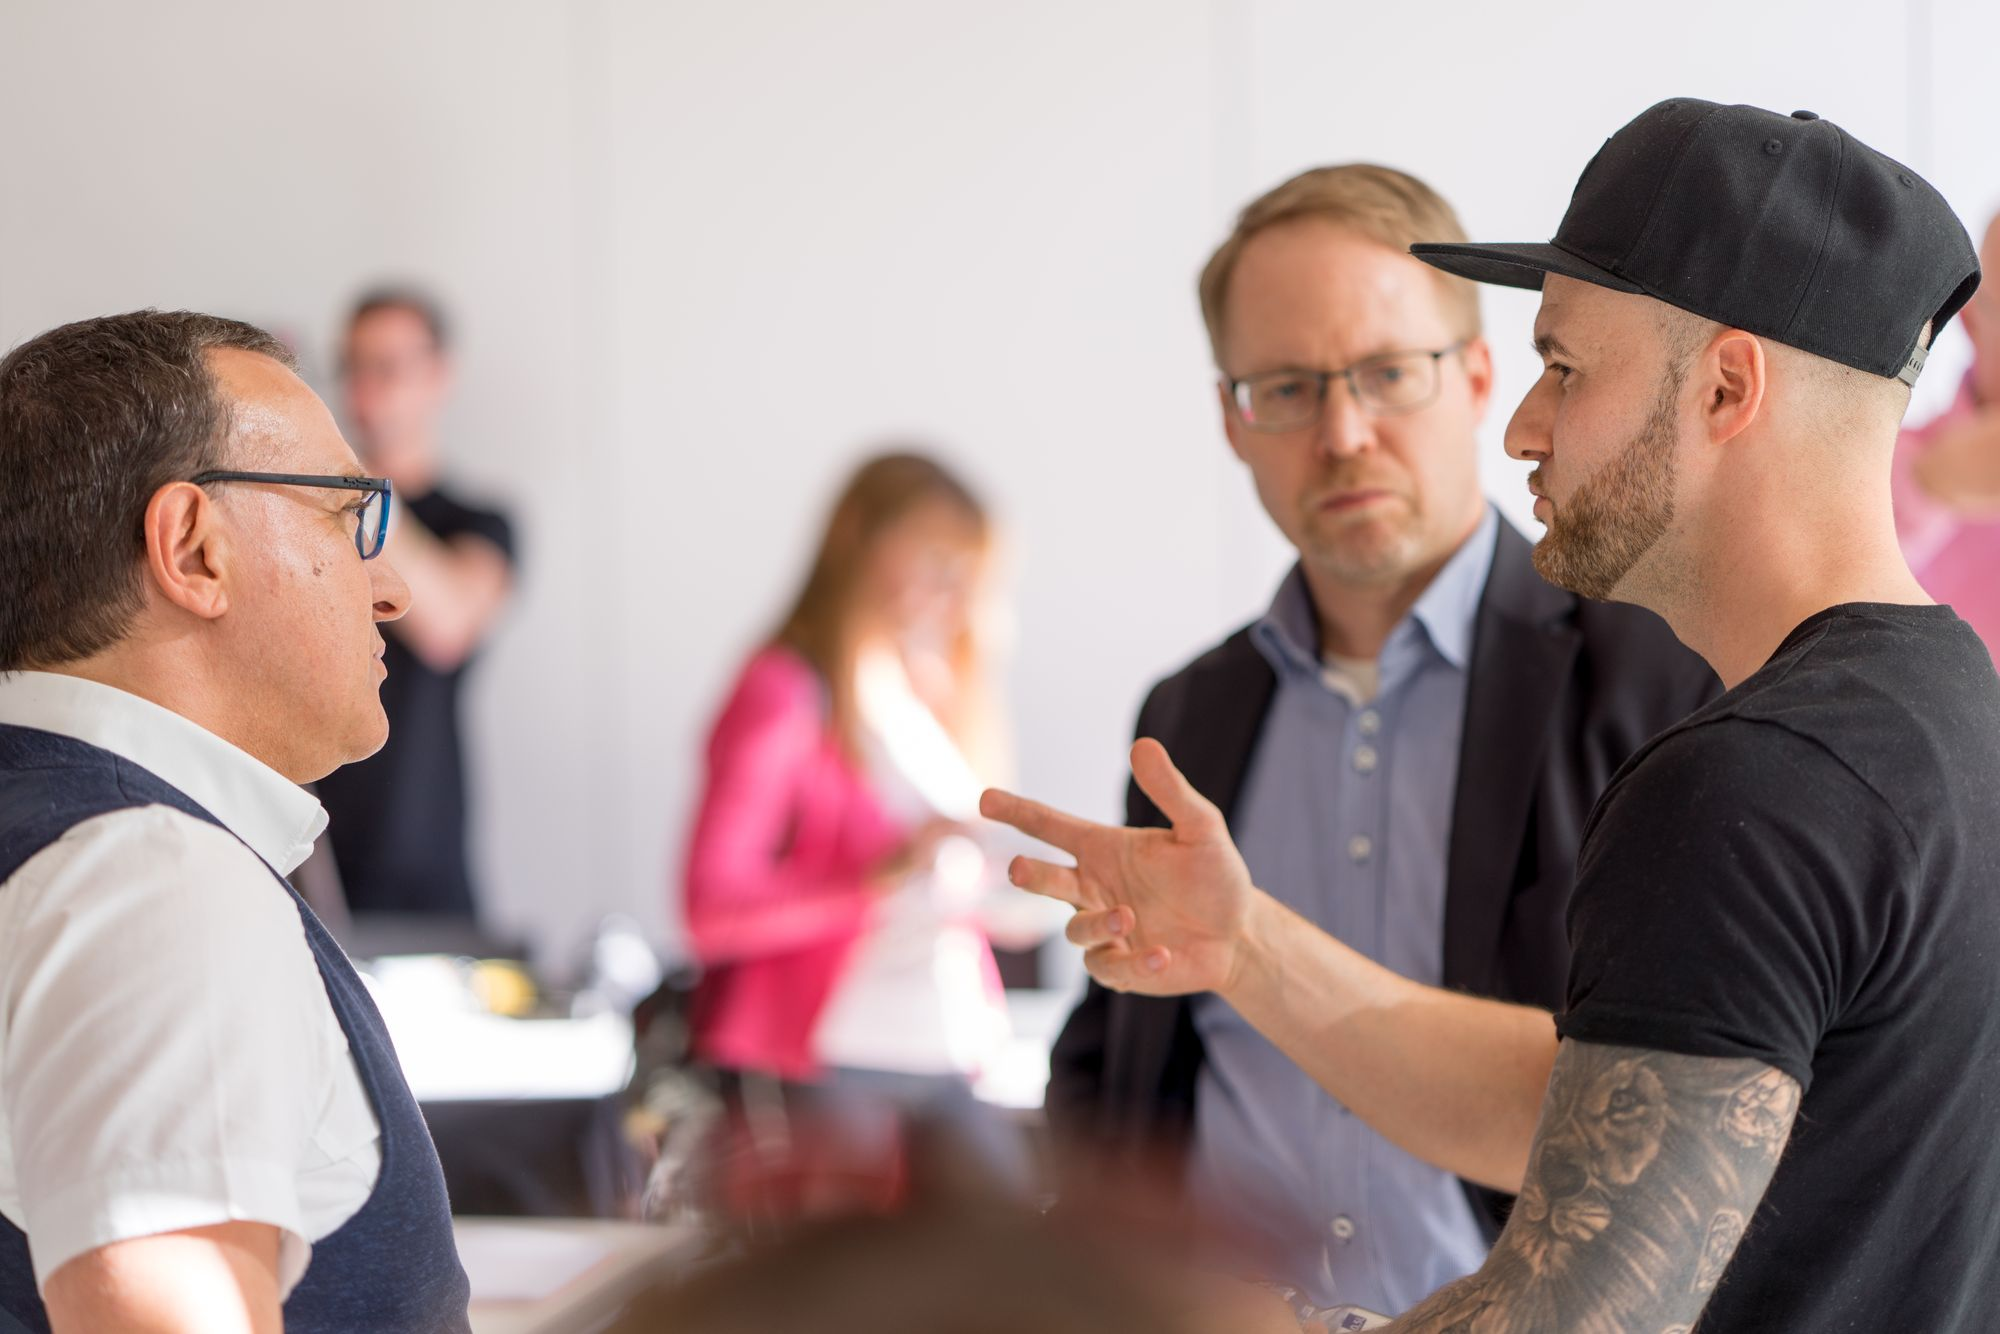 Daniel Hauber im Gespräch mit Mario Höhn und Thomas Loczewski (Tom Loc) auf dem Babba Business Day 2019 in Großostheim